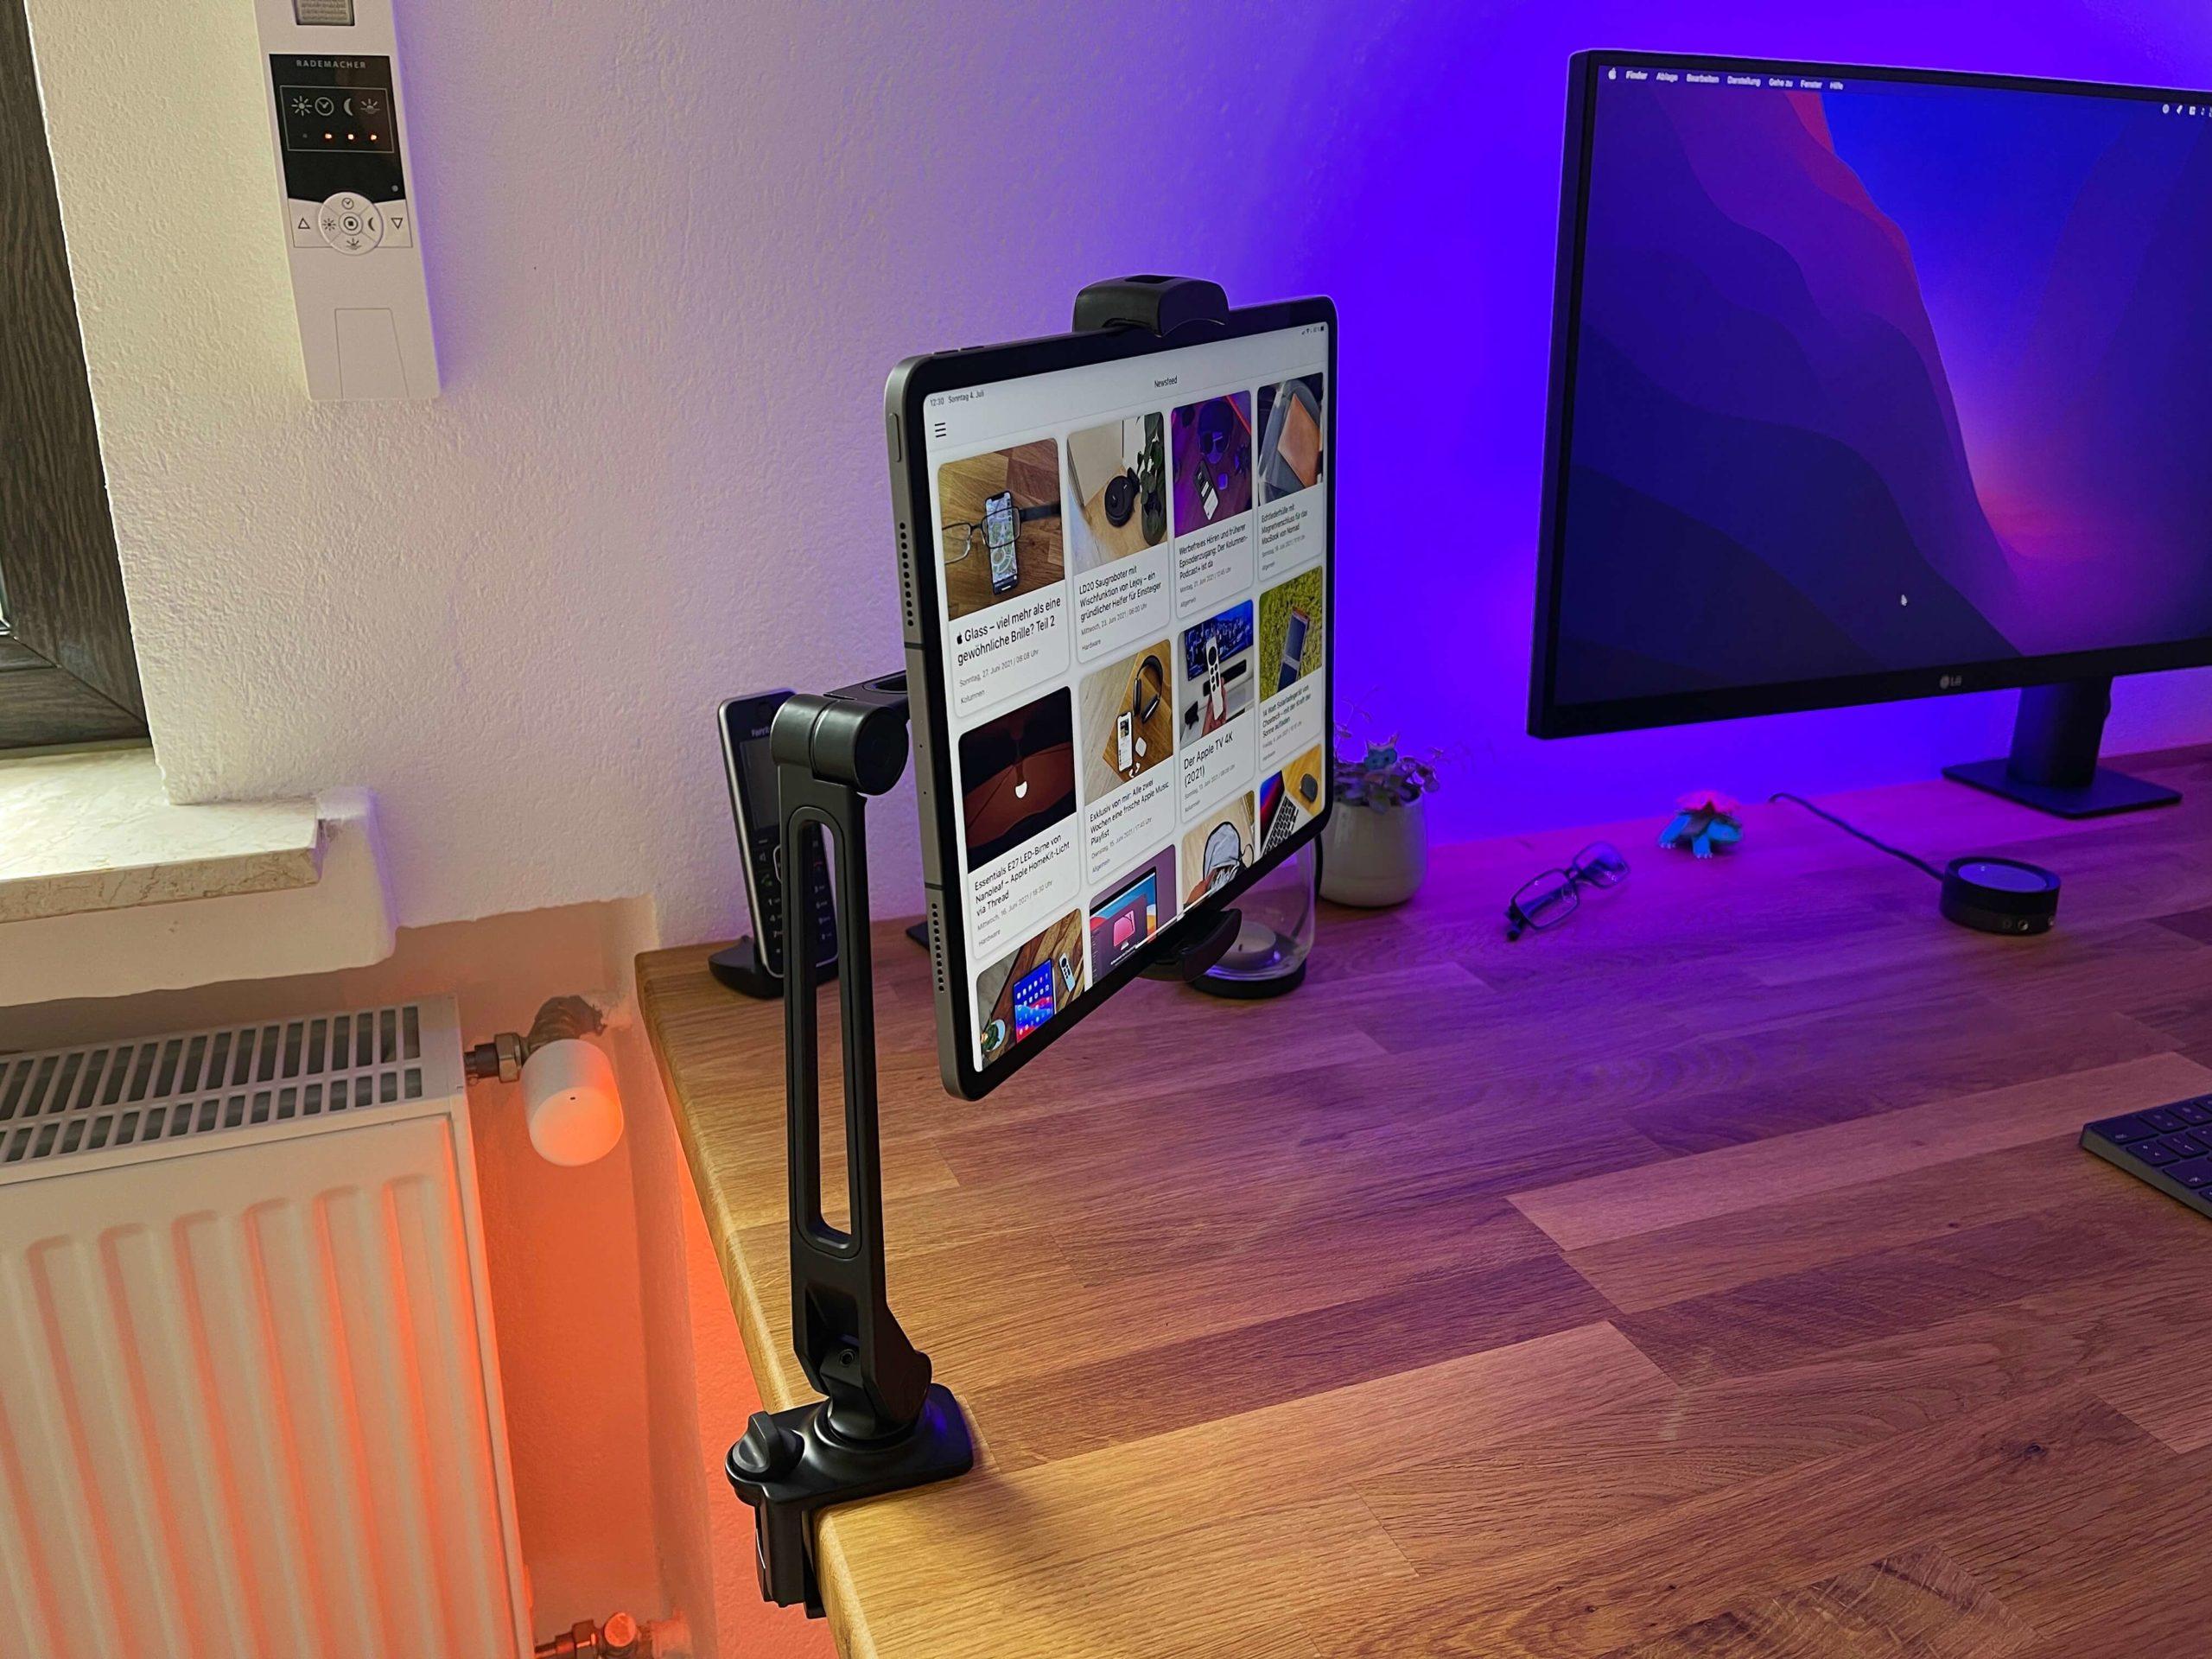 HoverBar-Duo-von-Twelve-South-verstellbarer-Schwanenhalshalter-fuer-das-iPad2-scaled HoverBar Duo von Twelve South - verstellbarer Schwanenhalshalter für das iPad